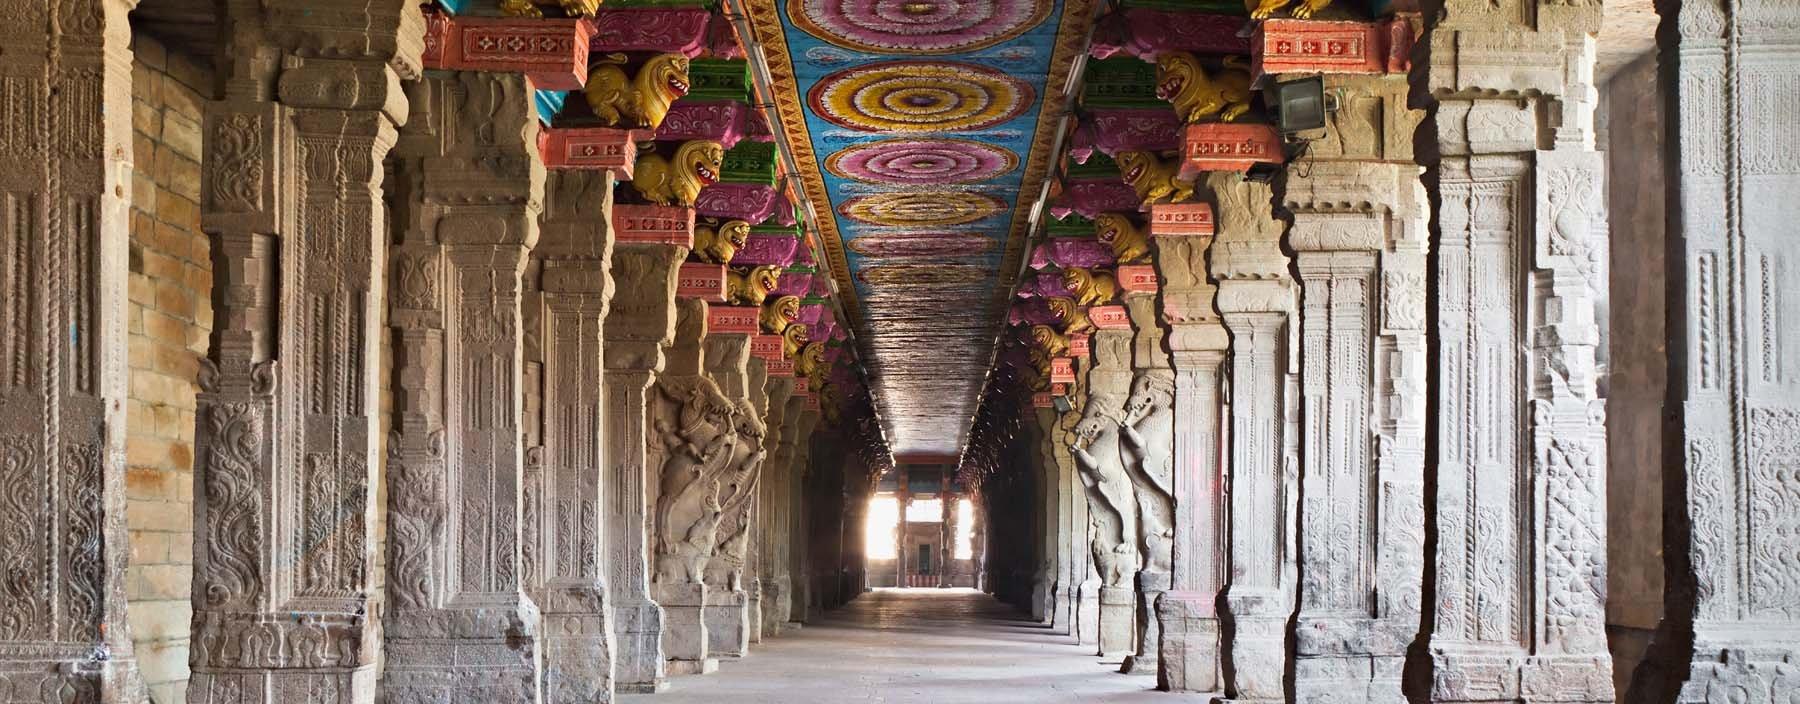 in, madurai, inside of meenakshi hindu temple, tamil nadu.jpg